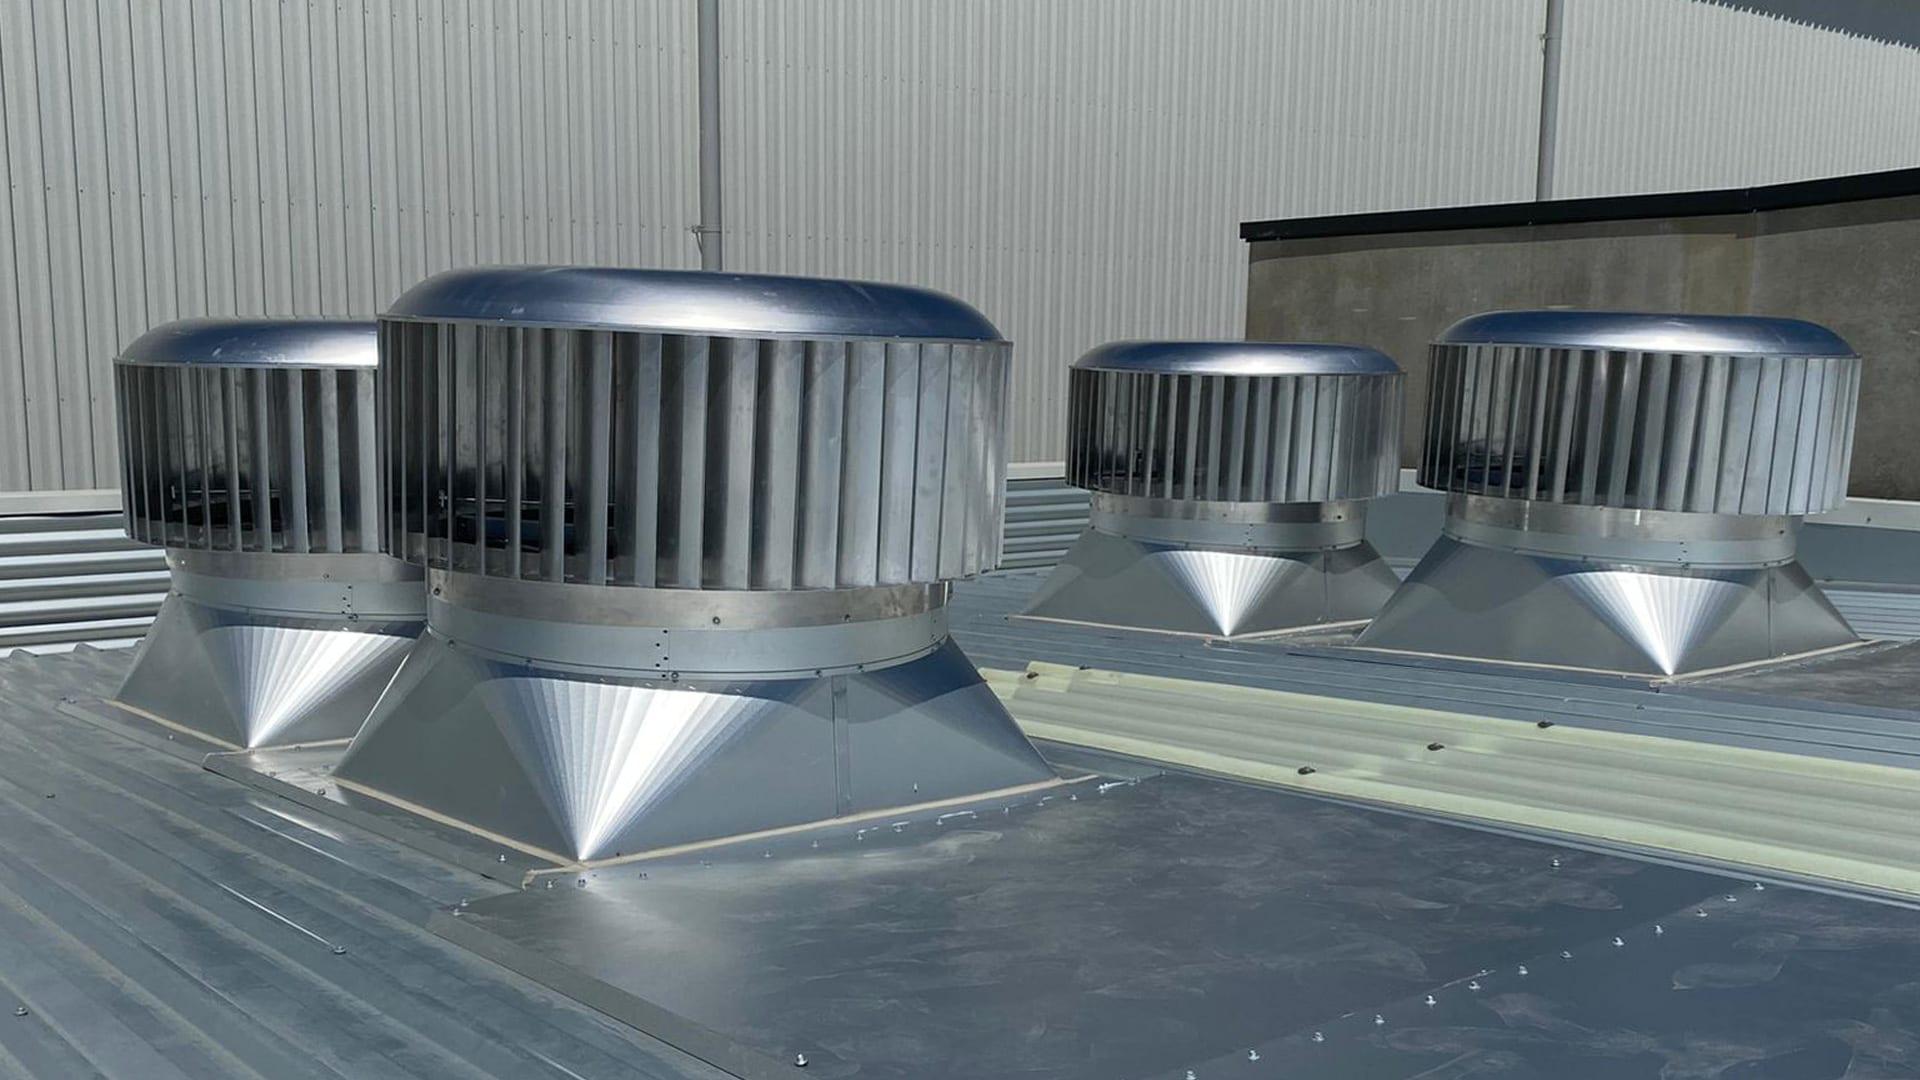 Industrial roof vent installtion